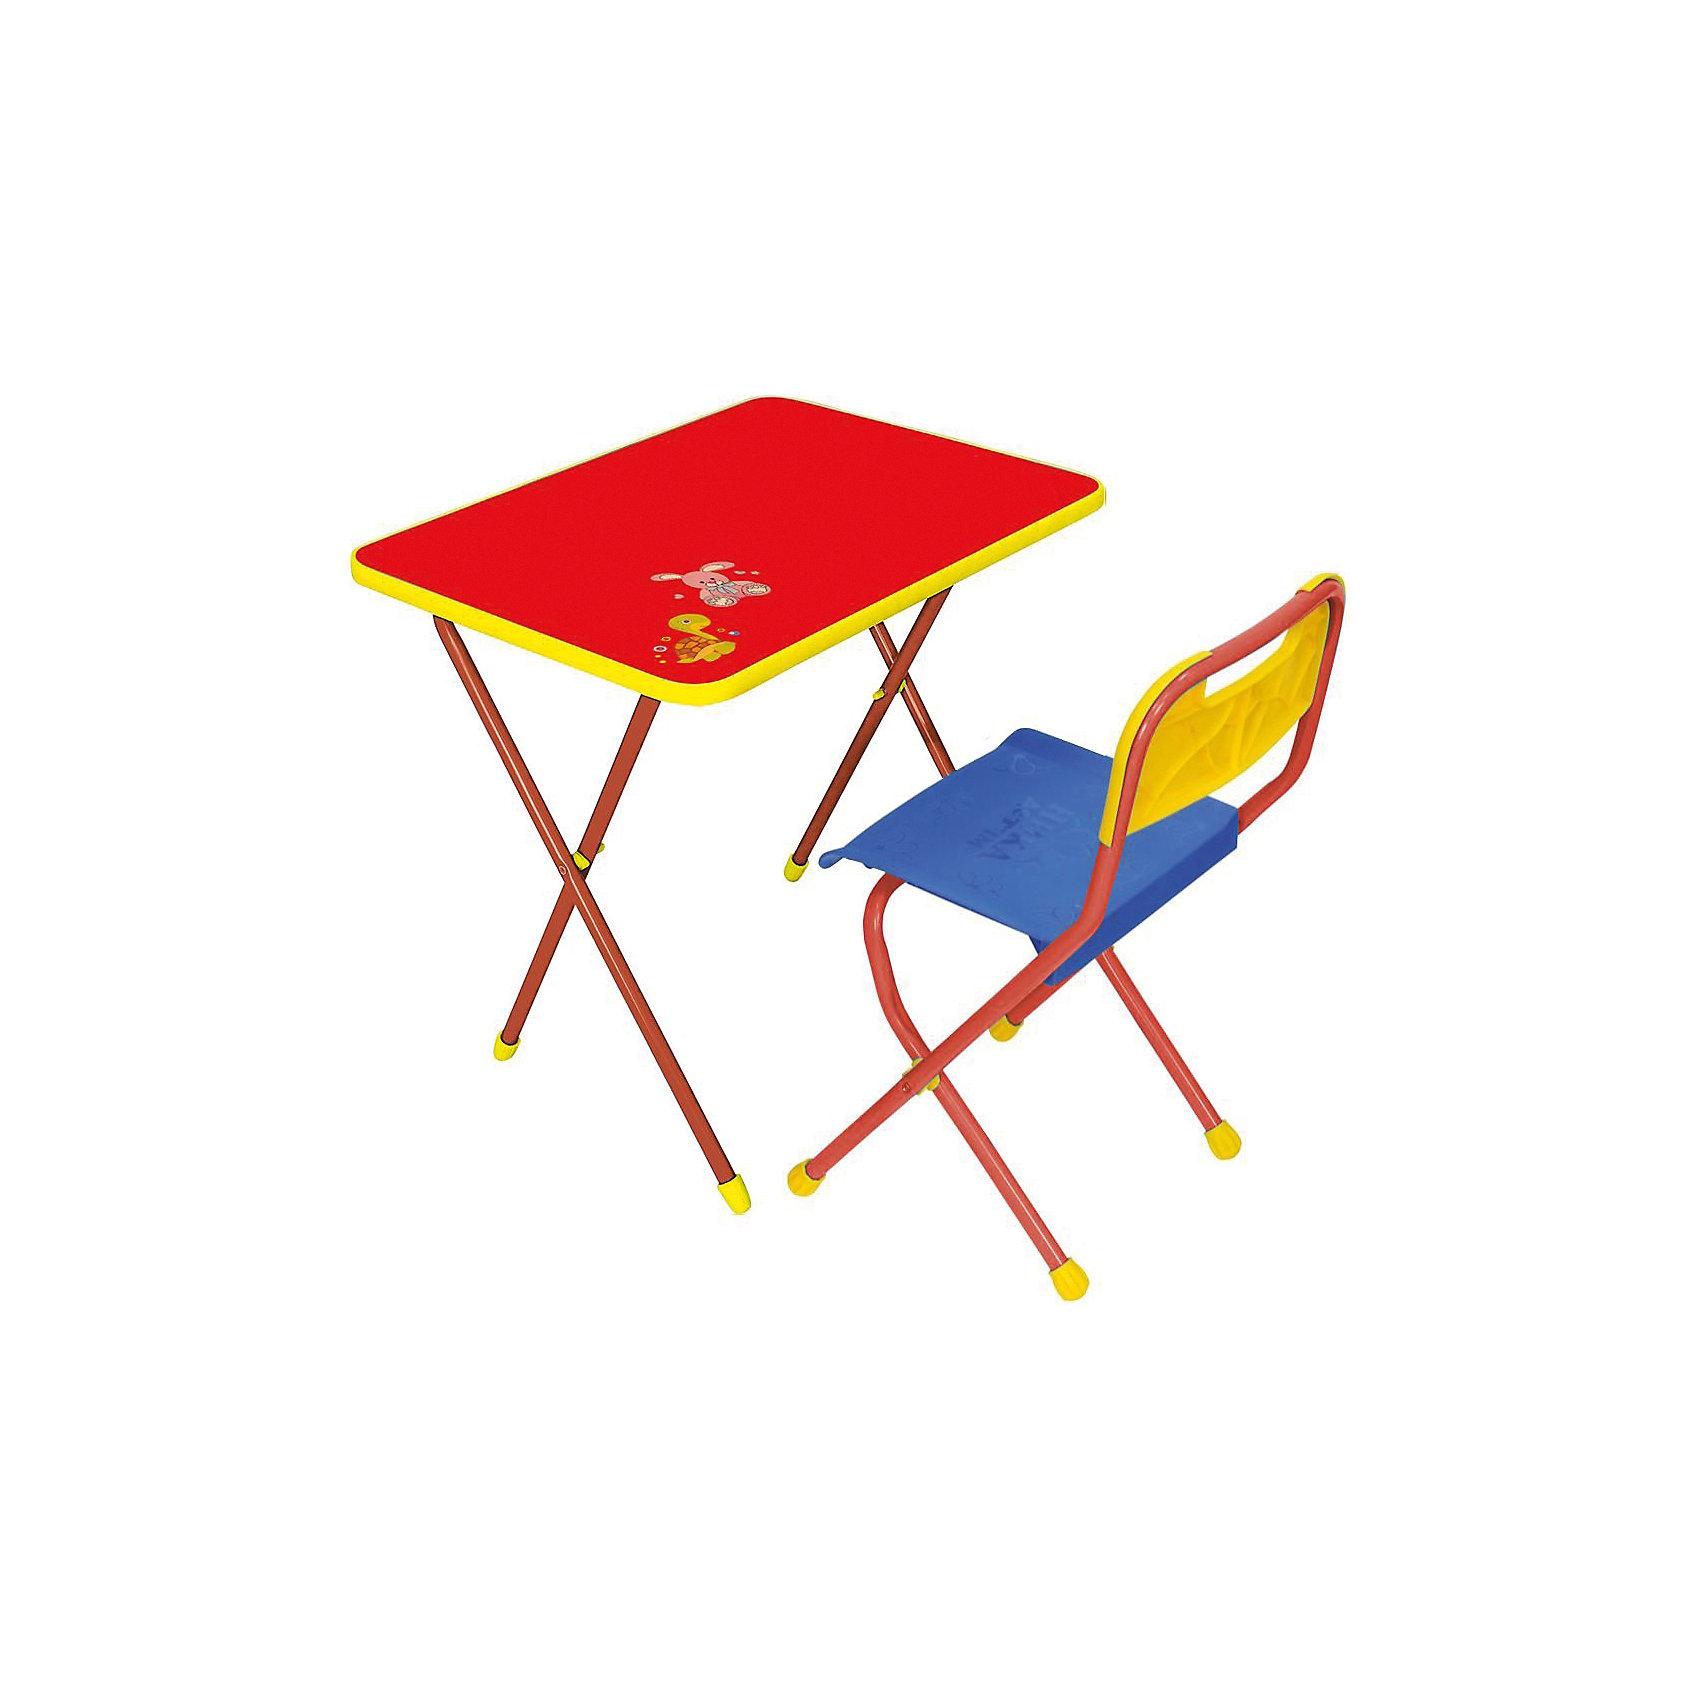 Набор мебели КА1, Алина, Ника, красныйХарактеристики товара:<br><br>• цвет: красный<br>• материал: металл, пластик, фанера<br>• размер столешницы: 60х45 см<br>• высота стола: 58 см<br>• сиденье: 26х29 см<br>• высота до сиденья: 35 см<br>• высота со спинкой 61 см<br>• размер упаковки: 75х15х61 см<br>• вес в упаковке: 6,5 кг<br>• складной<br>• на столешнице - рисунок<br>• на ламинированной поверхности стола можно рисовать маркером на водной основе<br>• на ножках пластмассовые наконечники<br>• складной<br>• возраст: от 3 до 7 лет<br>• страна бренда: Российская Федерация<br>• страна производства: Российская Федерация<br><br>Детская мебель может быть удобной и эргономичной! Этот комплект разработан специально для детей от трех до семи лет. Он легко складывается и раскладывается, занимает немного места. Каркас сделан из прочного, но легкого металла, а на ножках установлены пластмассовые наконечники для защиты напольного покрытия. Отличное решение как для кормления малыша, так и для игр, творчества и обучения!<br>Правильно подобранная мебель помогает ребенку расти здоровым, формироваться правильной осанке. Изделие производится из качественных сертифицированных материалов, безопасных даже для самых маленьких.<br><br>Набор мебели Алина, красный от бренда Ника можно купить в нашем интернет-магазине.<br><br>Ширина мм: 750<br>Глубина мм: 155<br>Высота мм: 610<br>Вес г: 6650<br>Возраст от месяцев: 36<br>Возраст до месяцев: 84<br>Пол: Унисекс<br>Возраст: Детский<br>SKU: 5223609